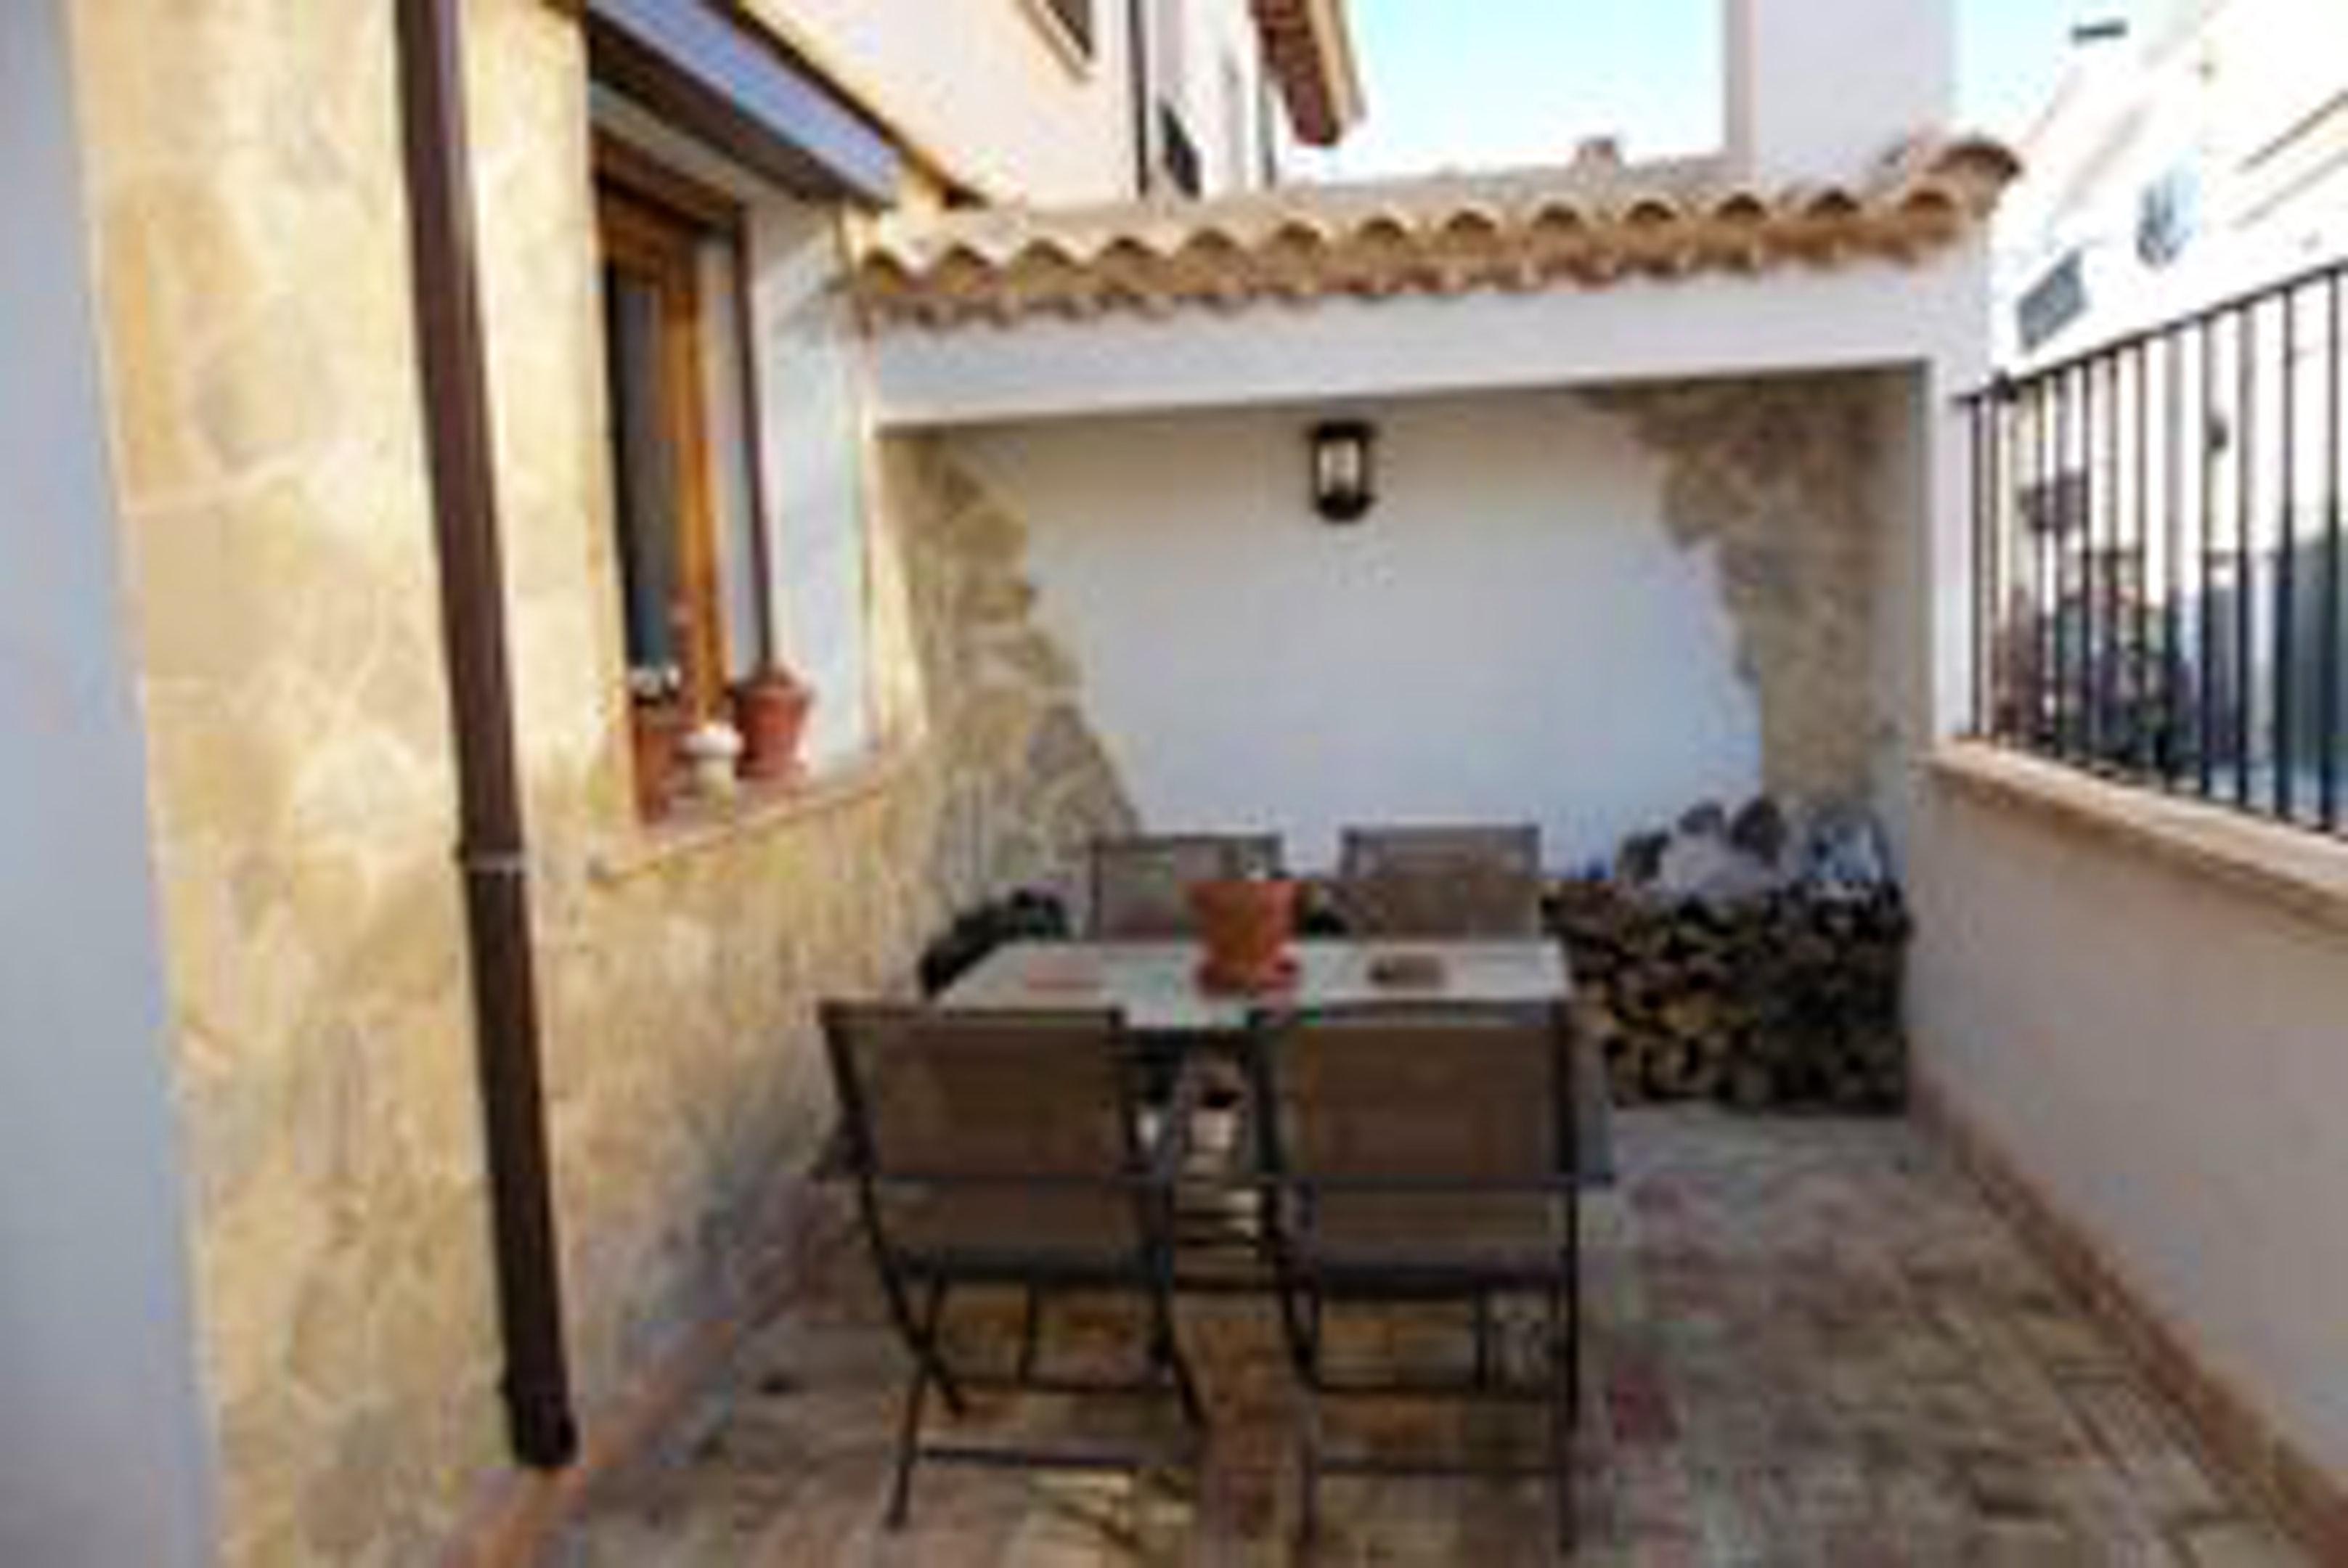 Ferienhaus Haus mit 3 Schlafzimmern in Talayuelas mit toller Aussicht auf die Berge, möblierter Terra (2202603), Talayuelas, Cuenca, Kastilien-La Mancha, Spanien, Bild 24